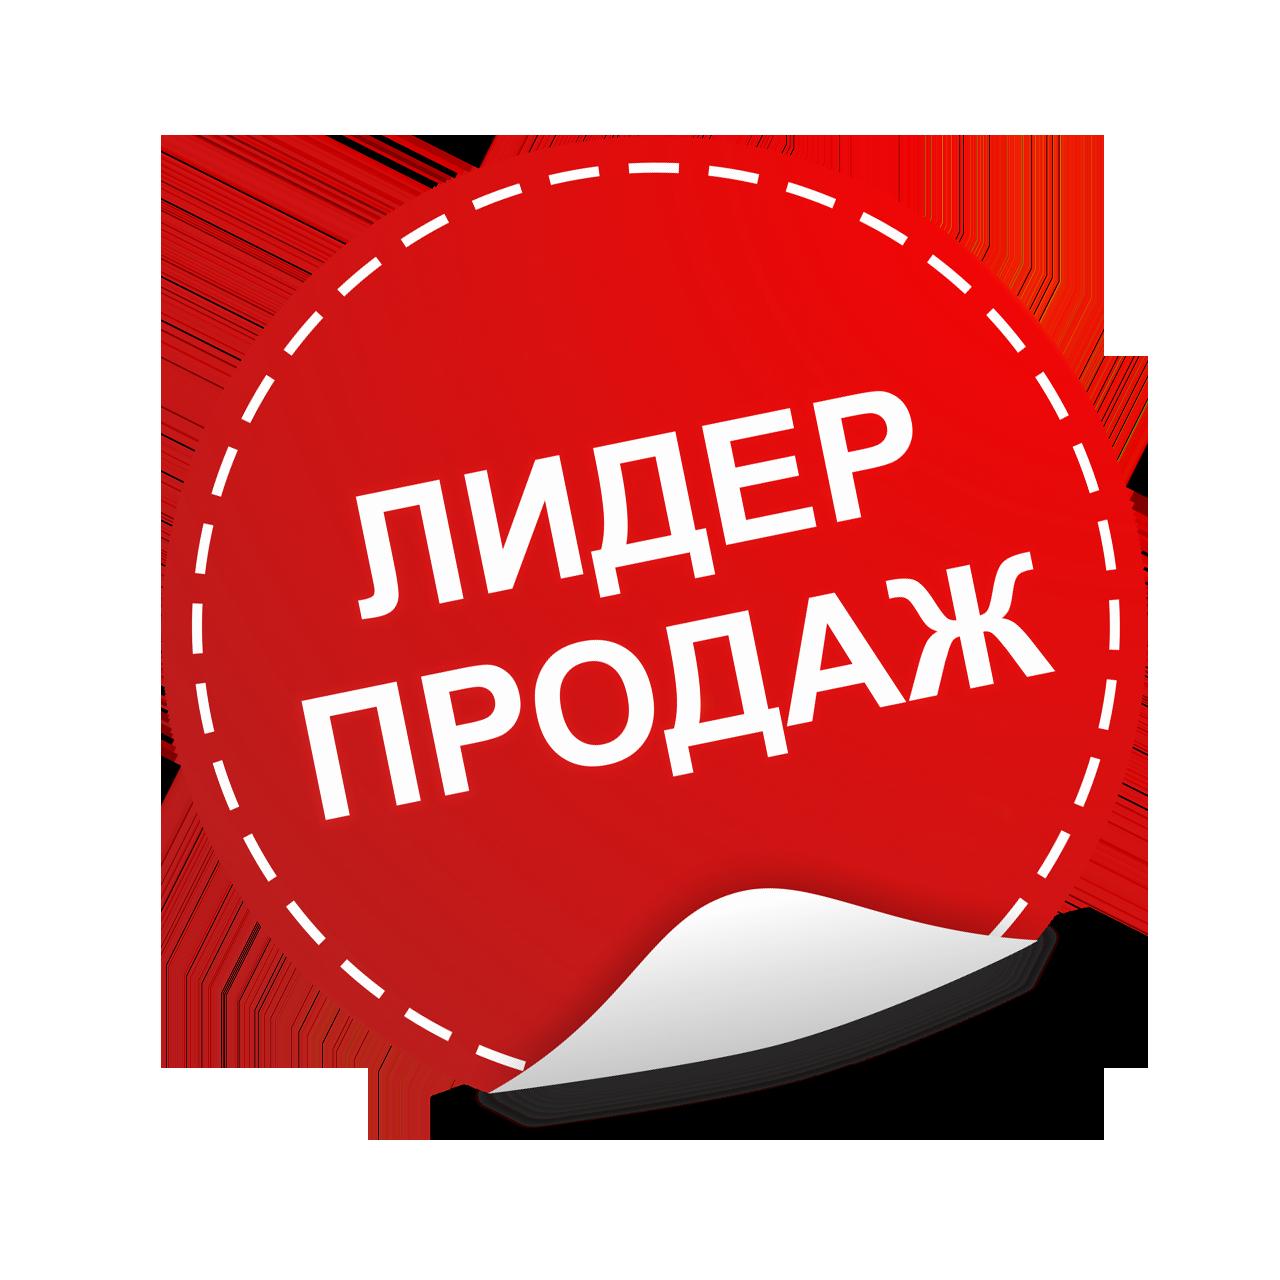 украины топ продаж картинки парад один самых